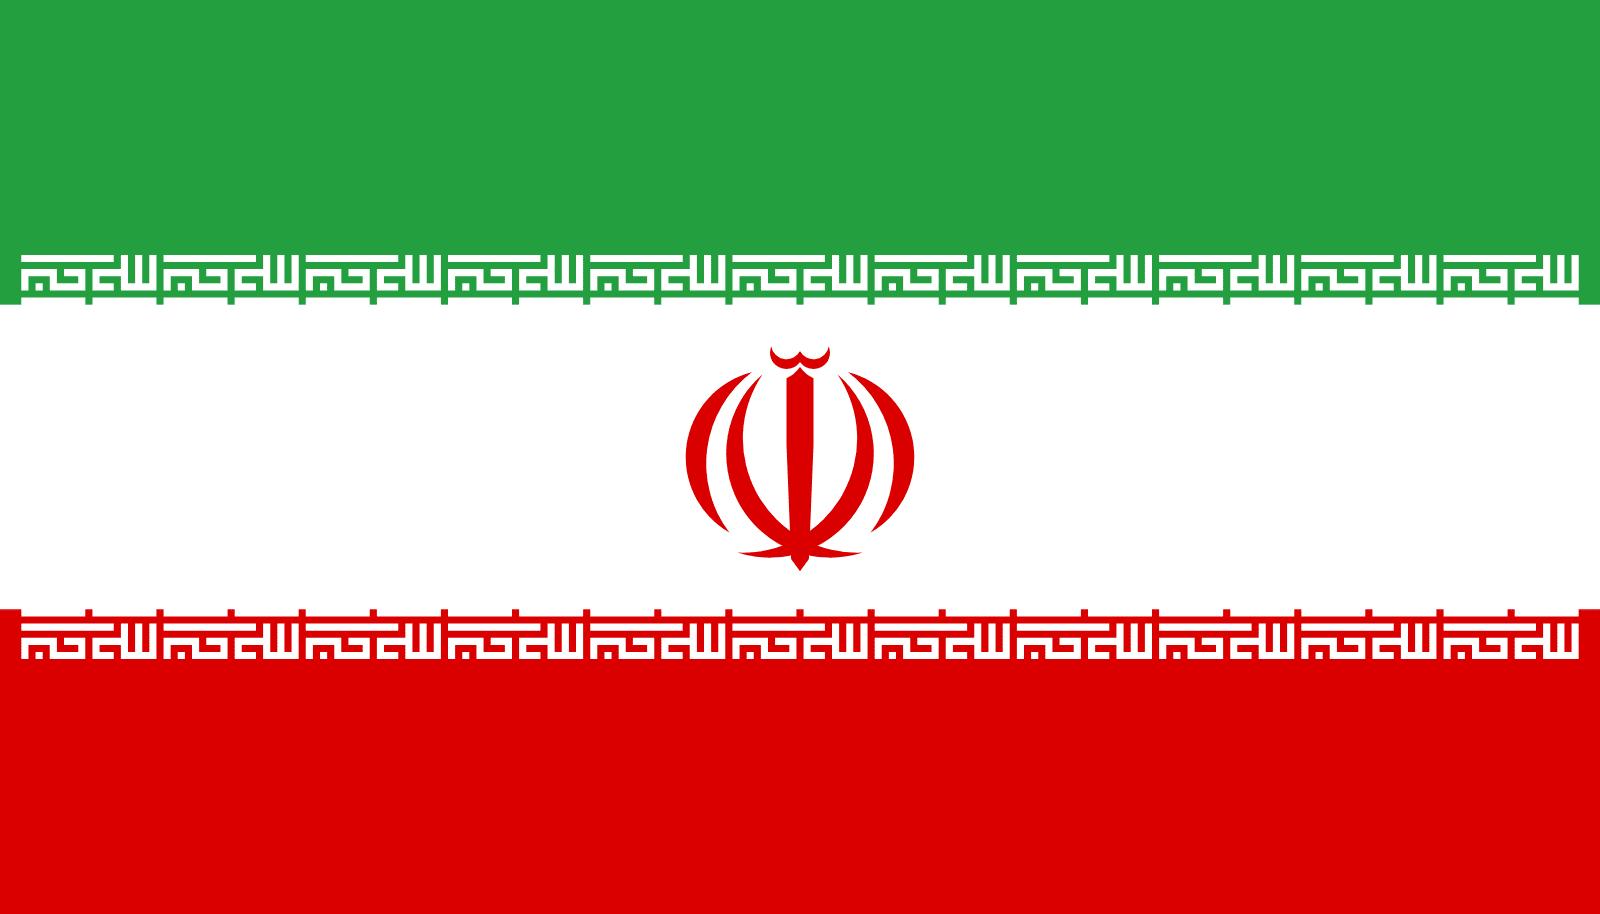 Flagge Grün Roter Punkt